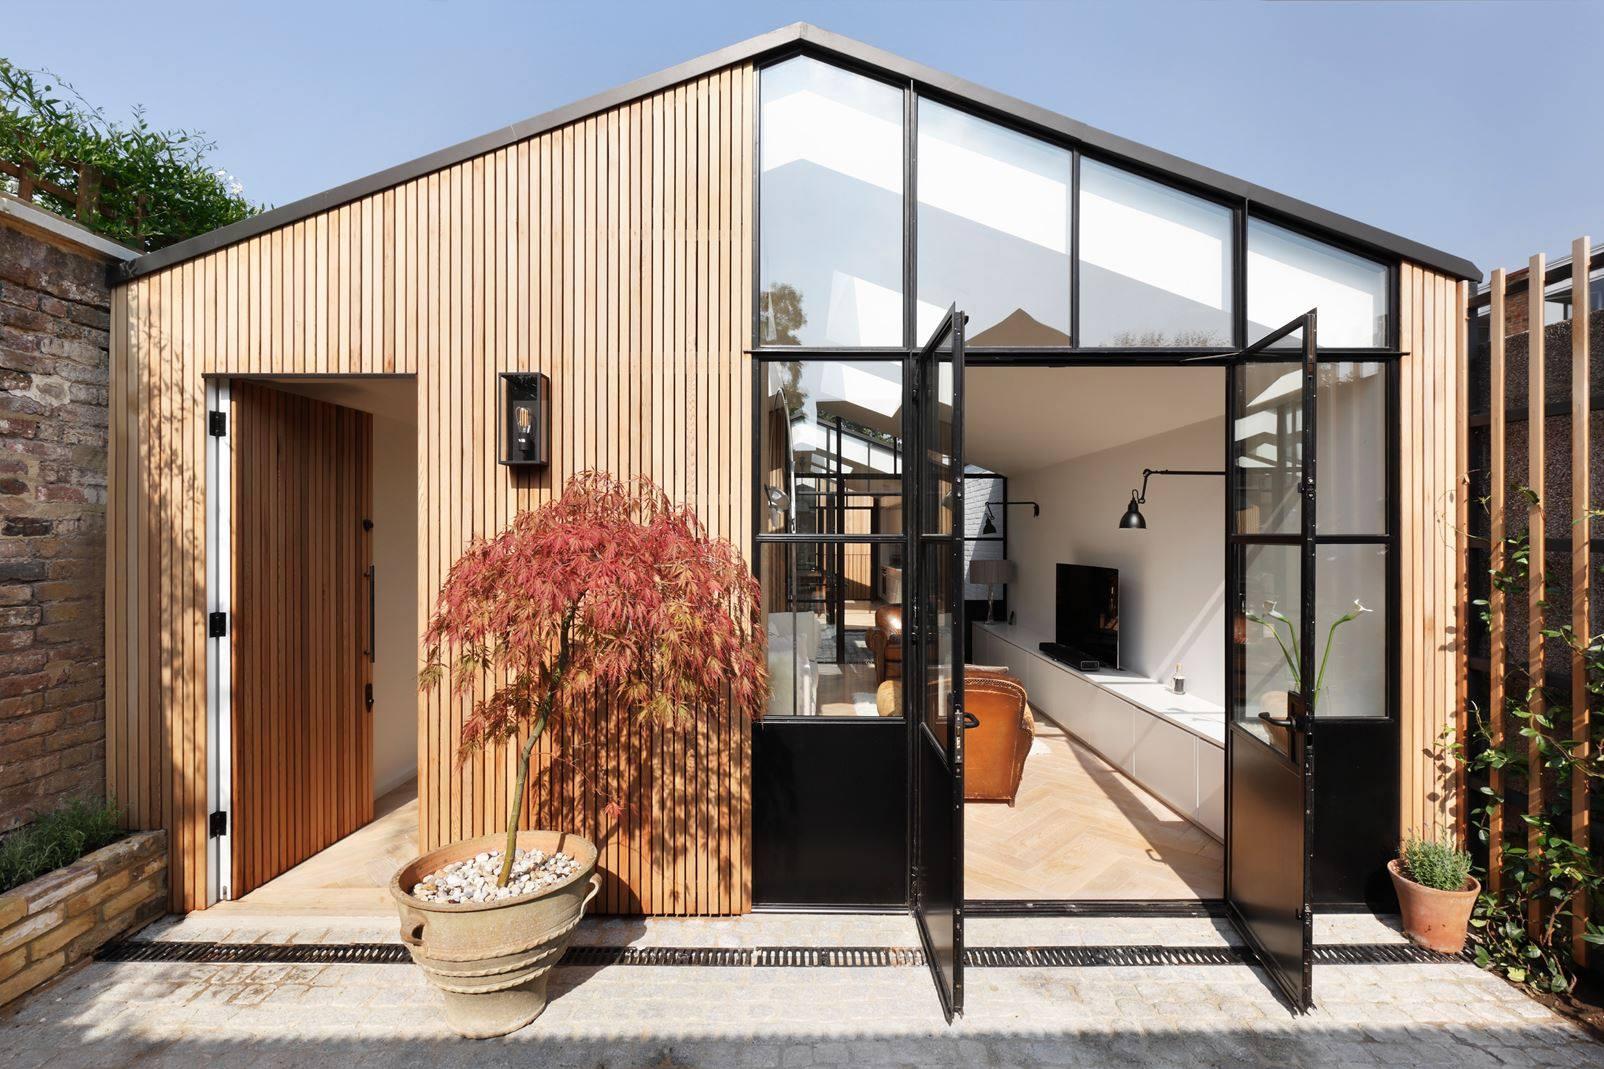 Trasformare Un Garage In Abitazione ampliare la propria casa: il legno come prezioso alleato